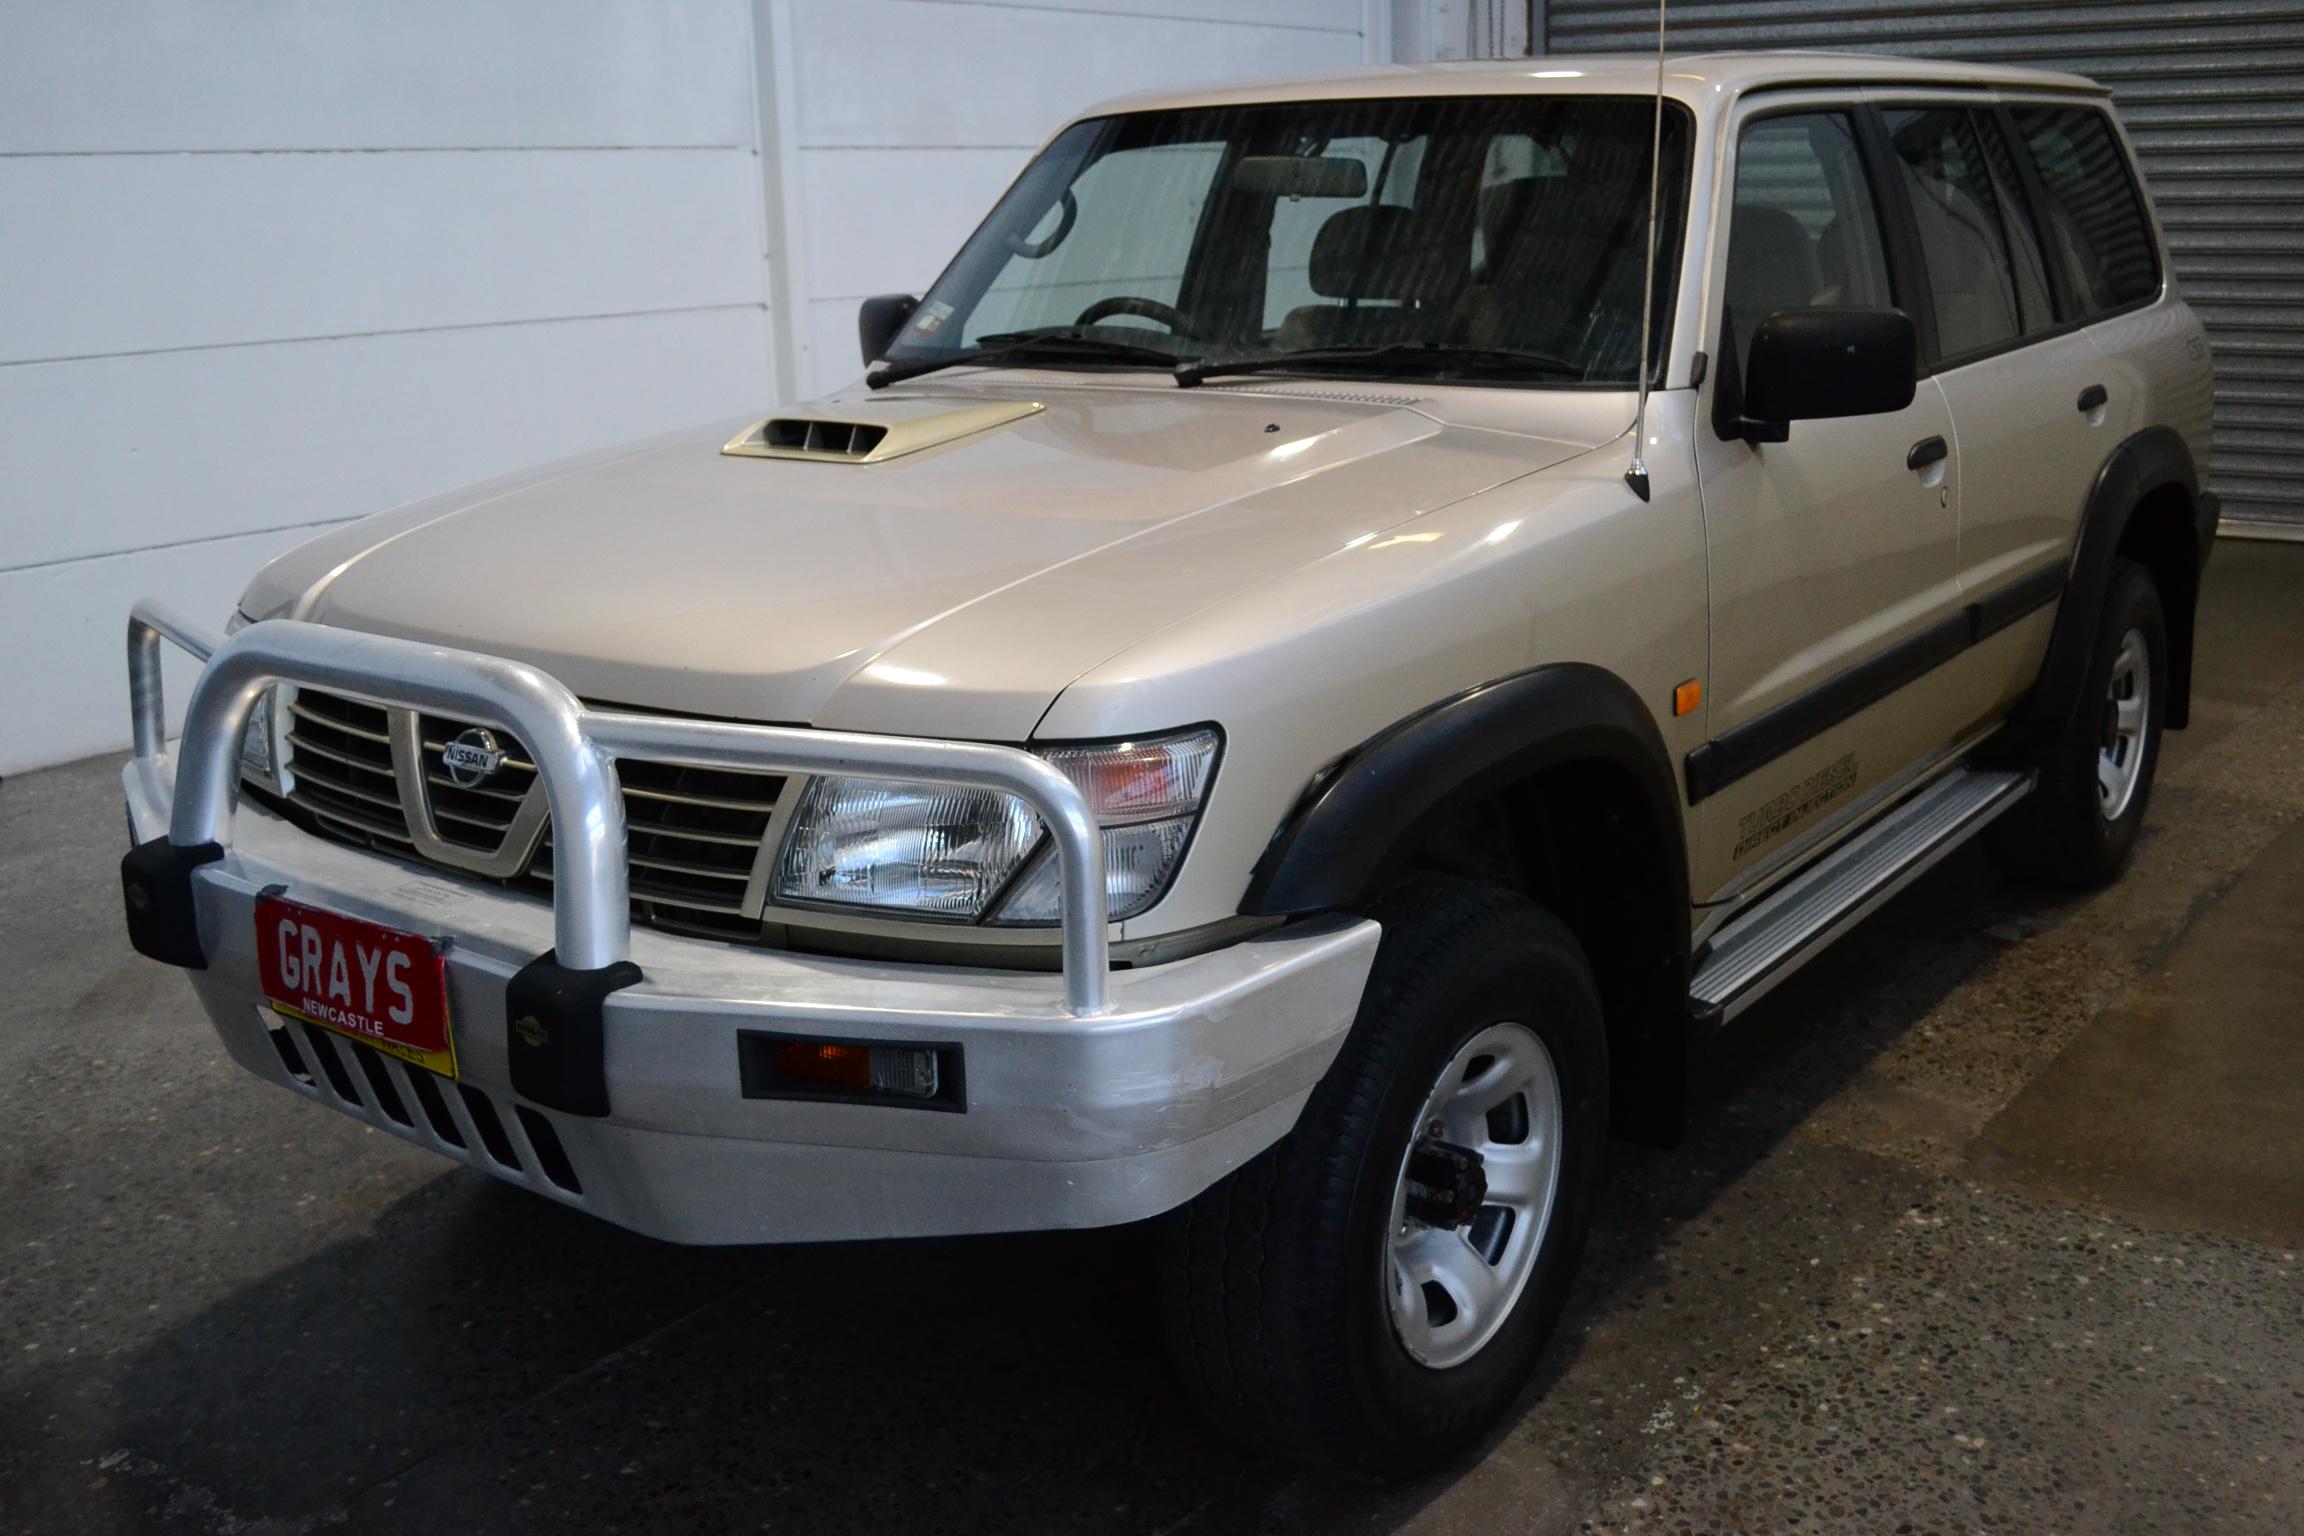 2001 Nissan Patrol ST (4x4) GU II Turbo Diesel Automatic 7 Seats Wagon